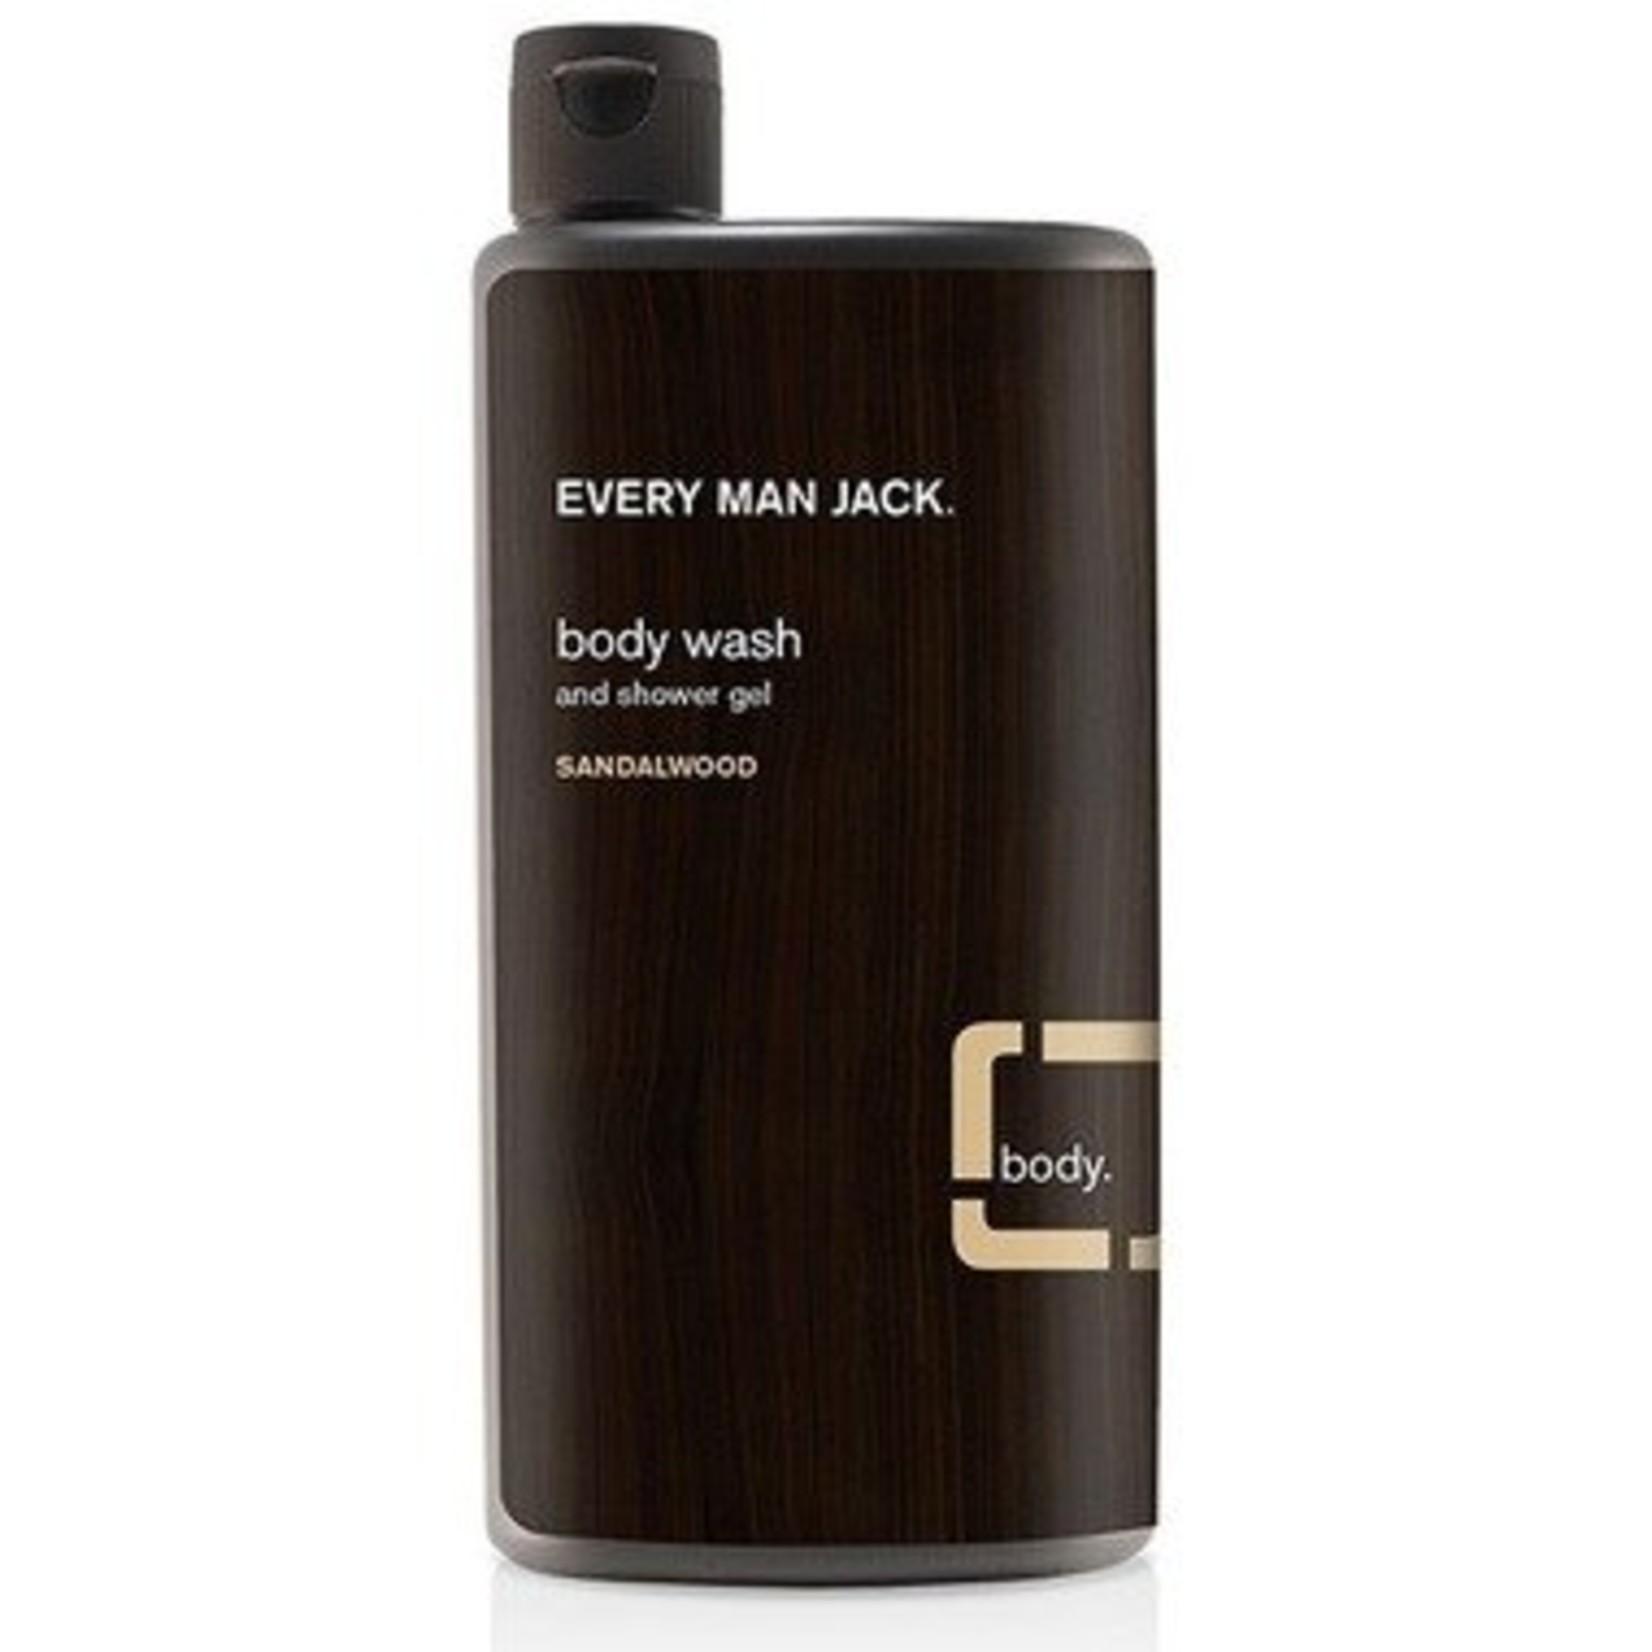 Every Man Jack Body Wash Sandalwood 500ml